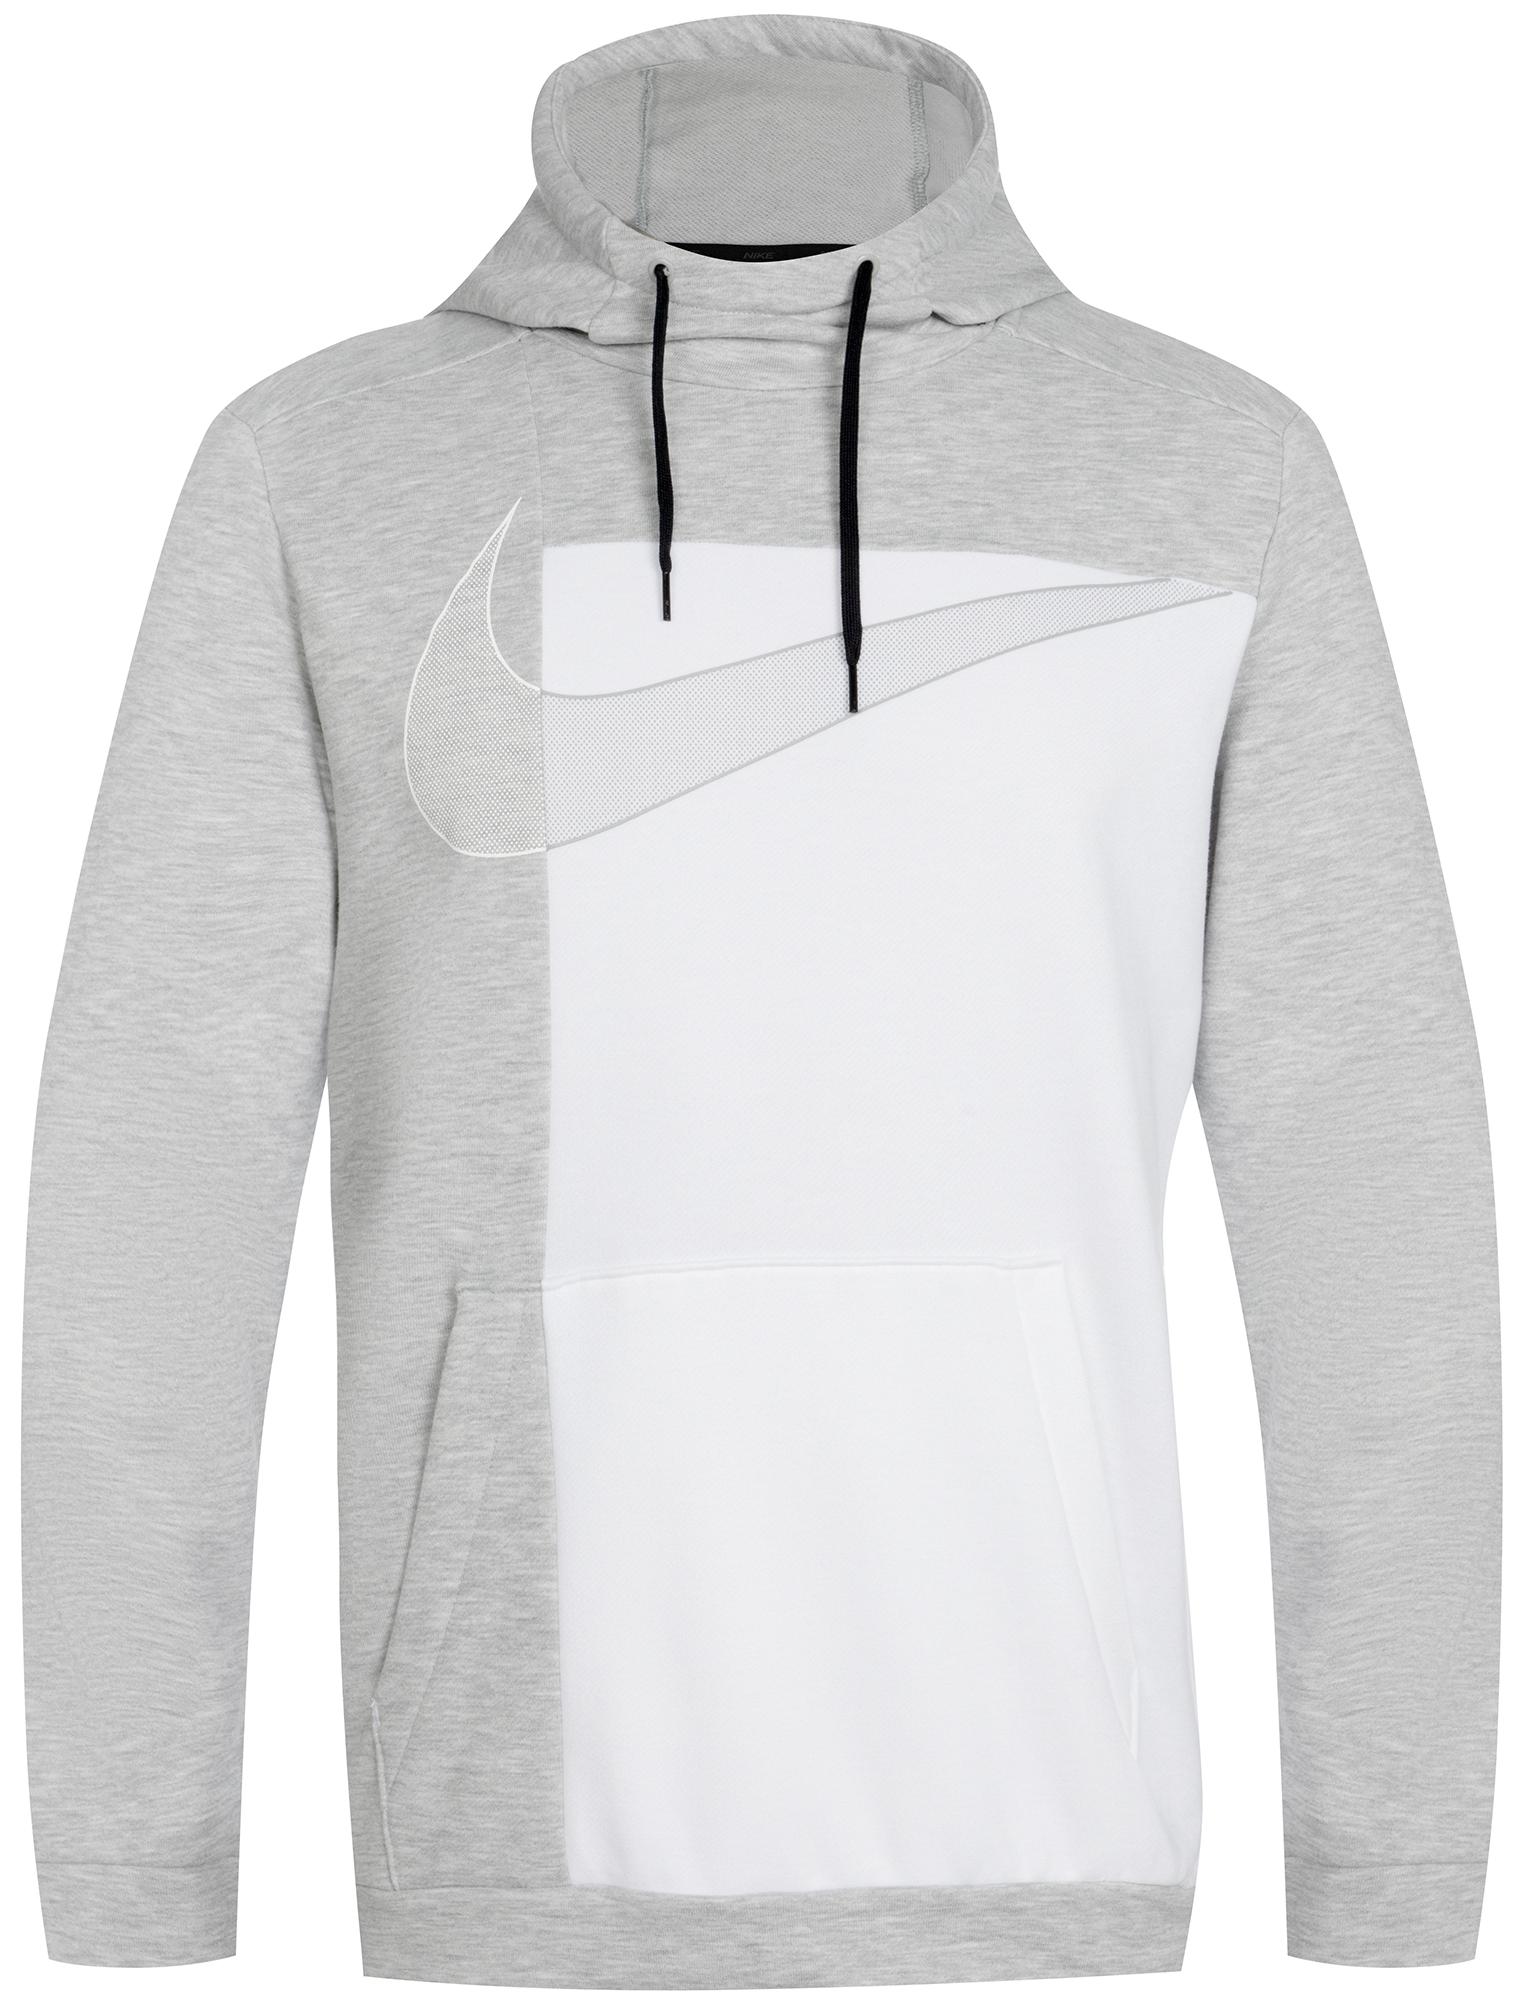 цена Nike Худи мужская Nike Dri-FIT, размер 46-48 онлайн в 2017 году